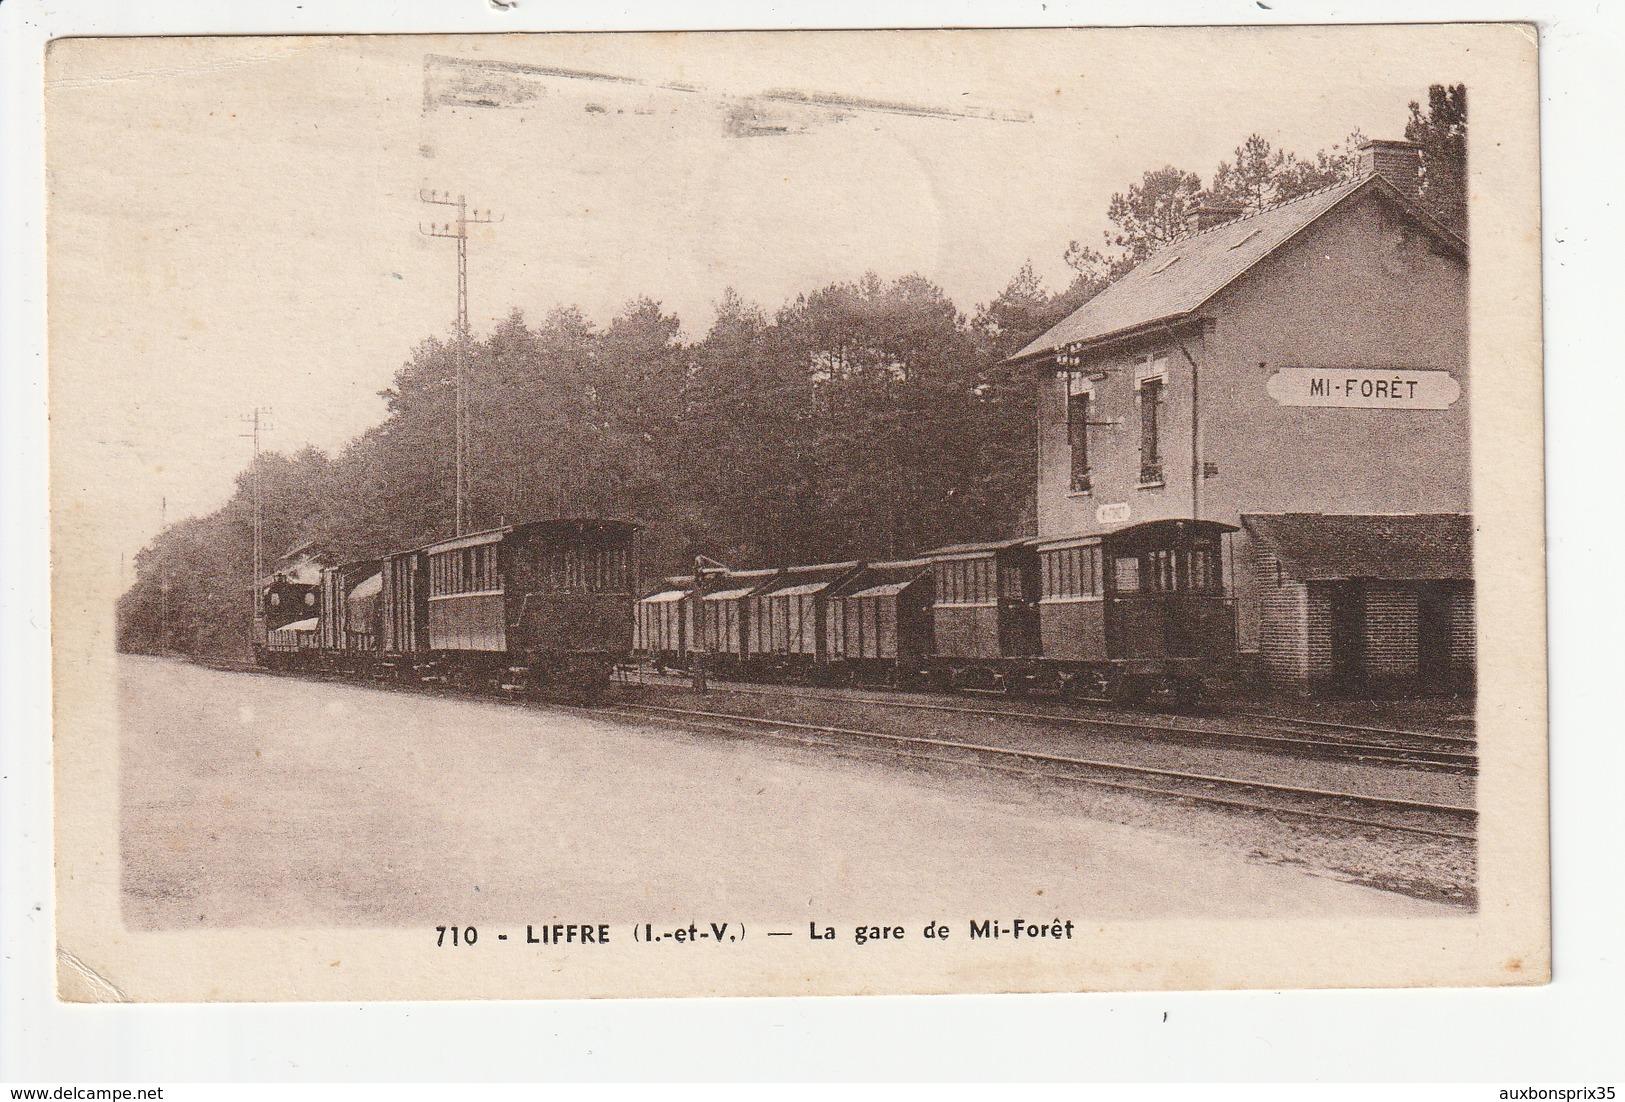 LIFFRE - LA GARE DE MI FORET - TRAIN - 35 - Other Municipalities